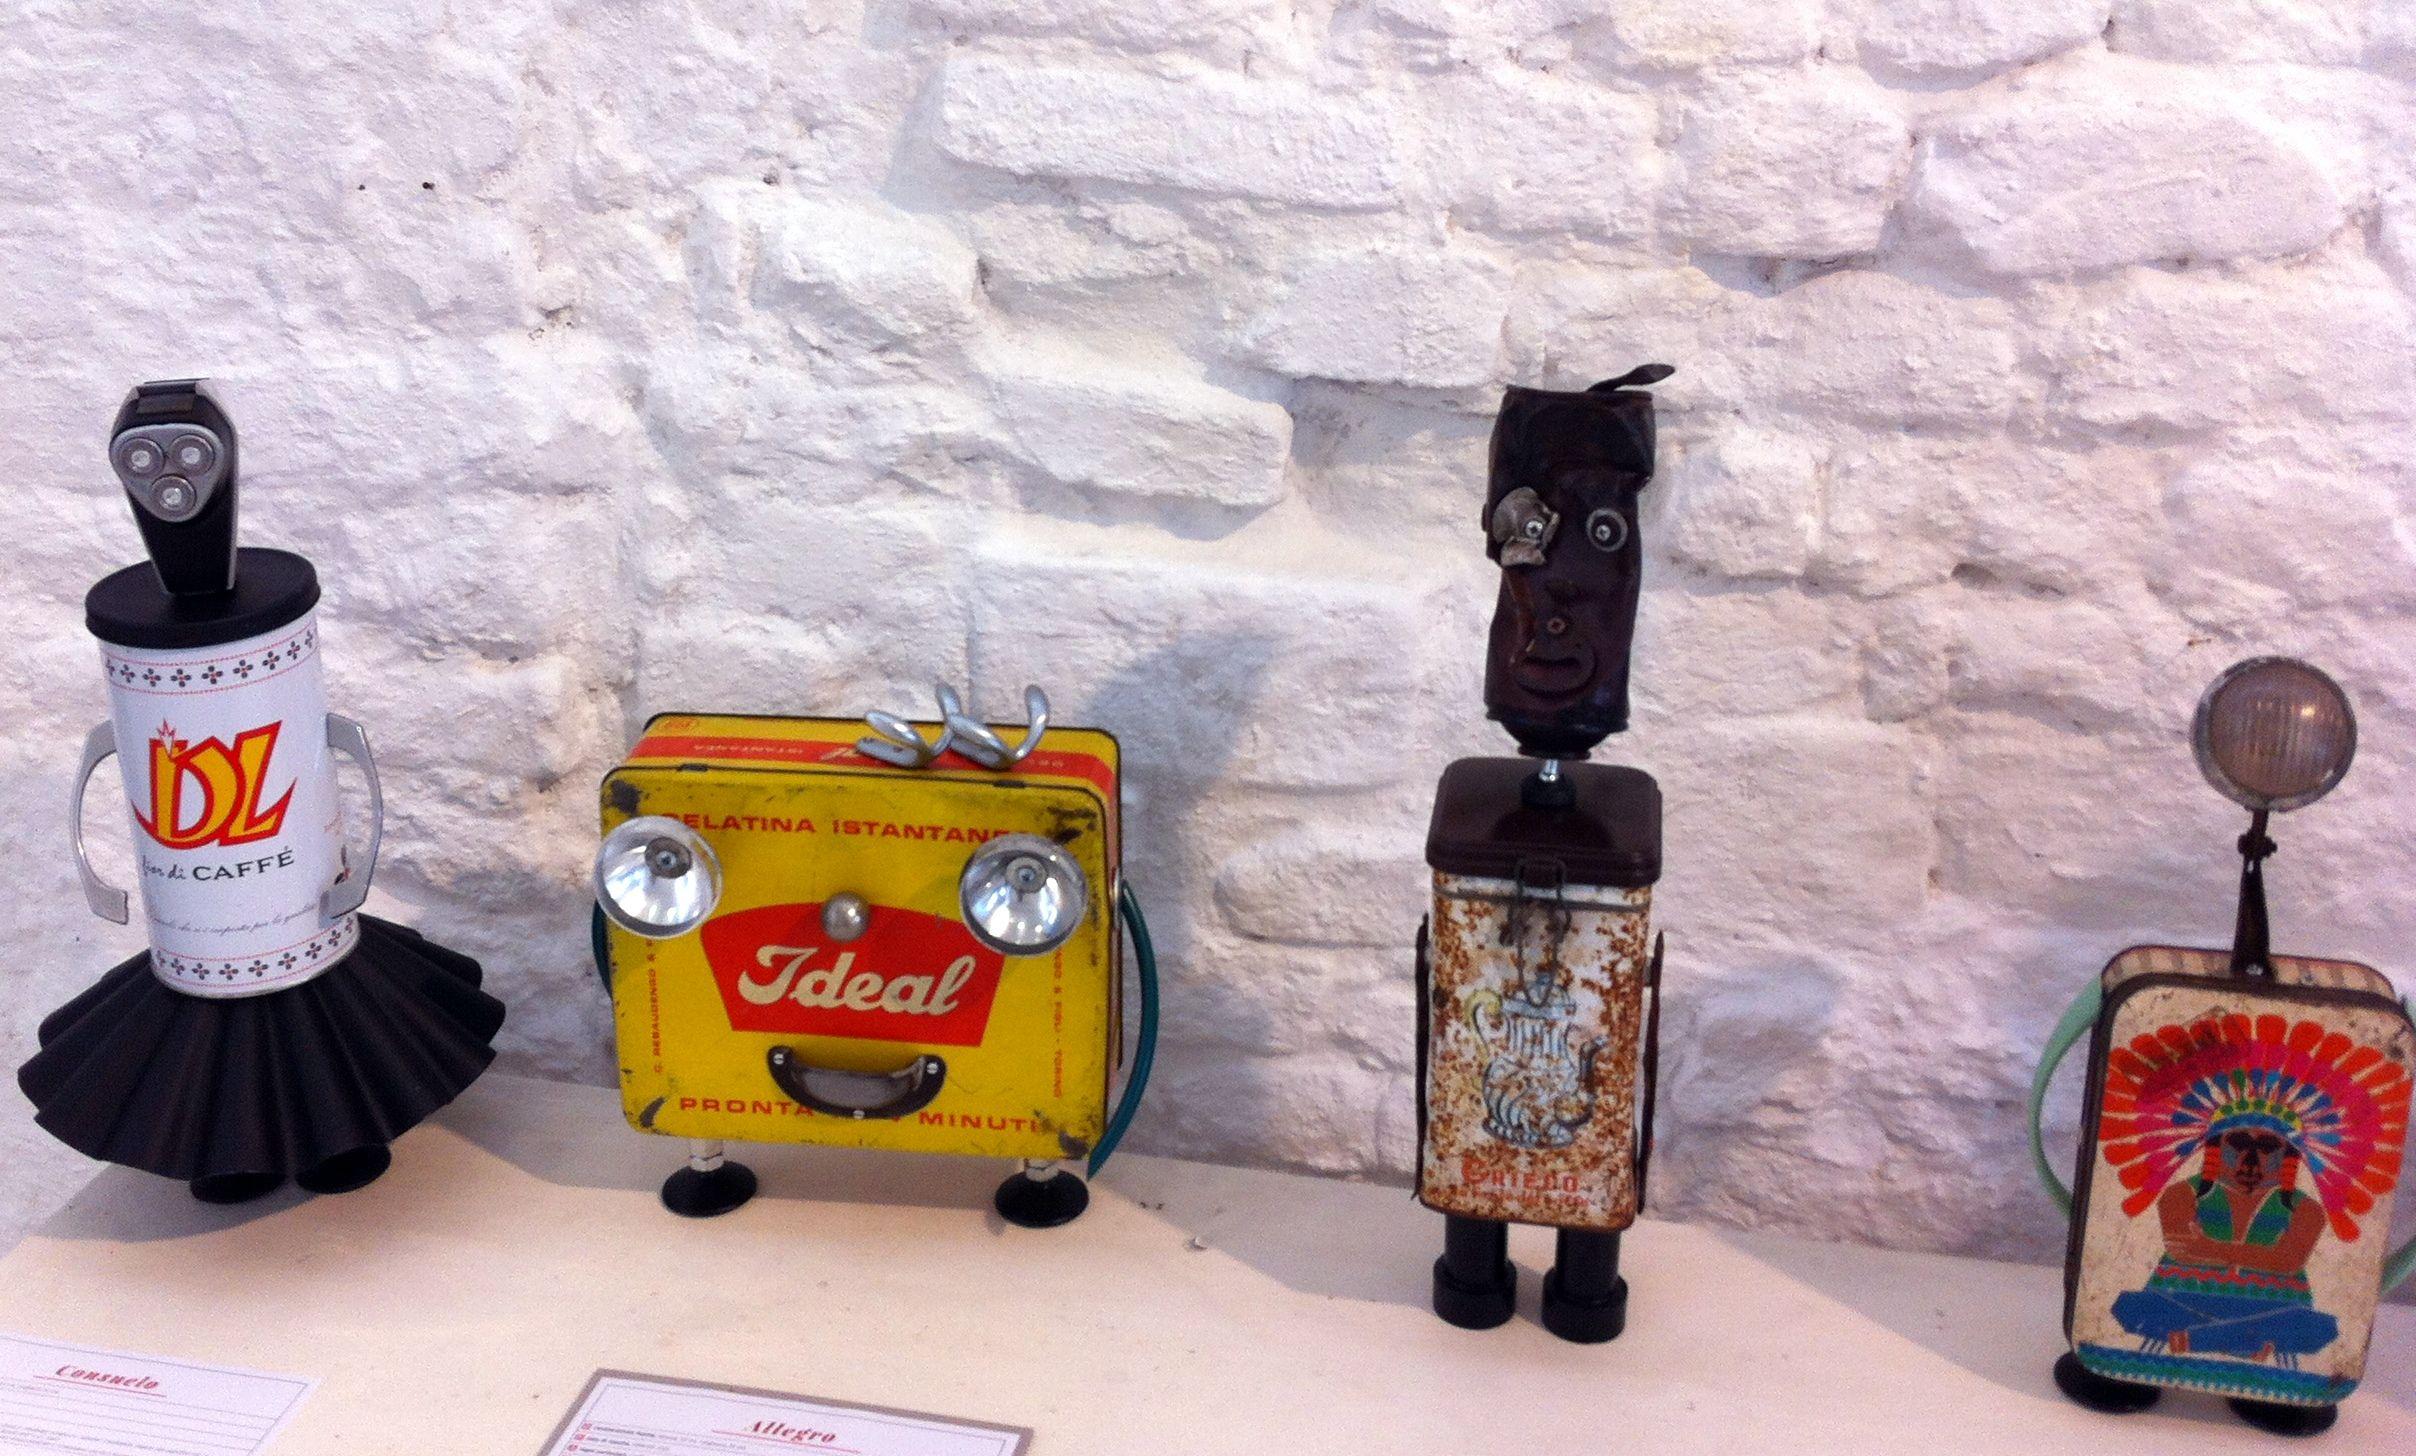 Adotta un robot! Massimo Sirelli Project @evvivanoé Cherasco